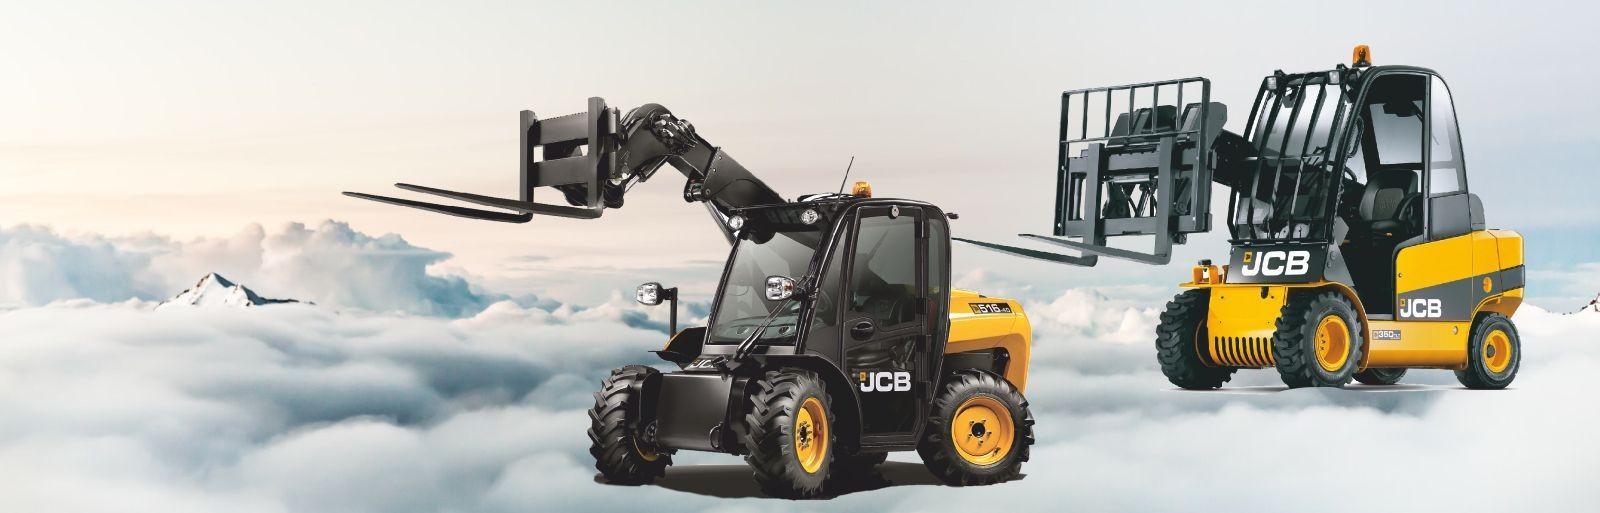 JCB Maschinen Degener Staplertechnik